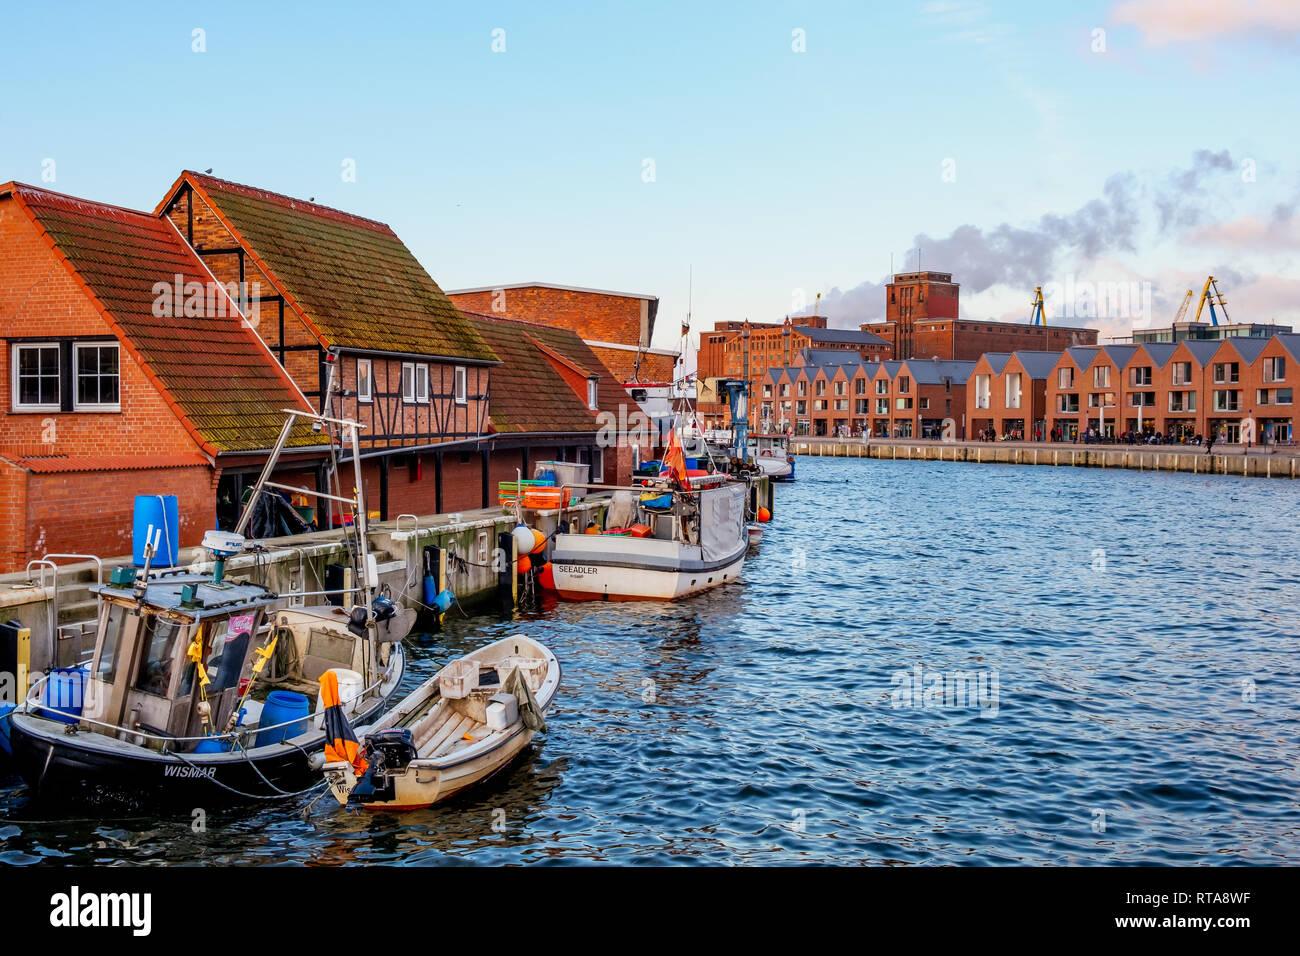 Wismar alter Hafen im Sonnenuntergang - Stock Image